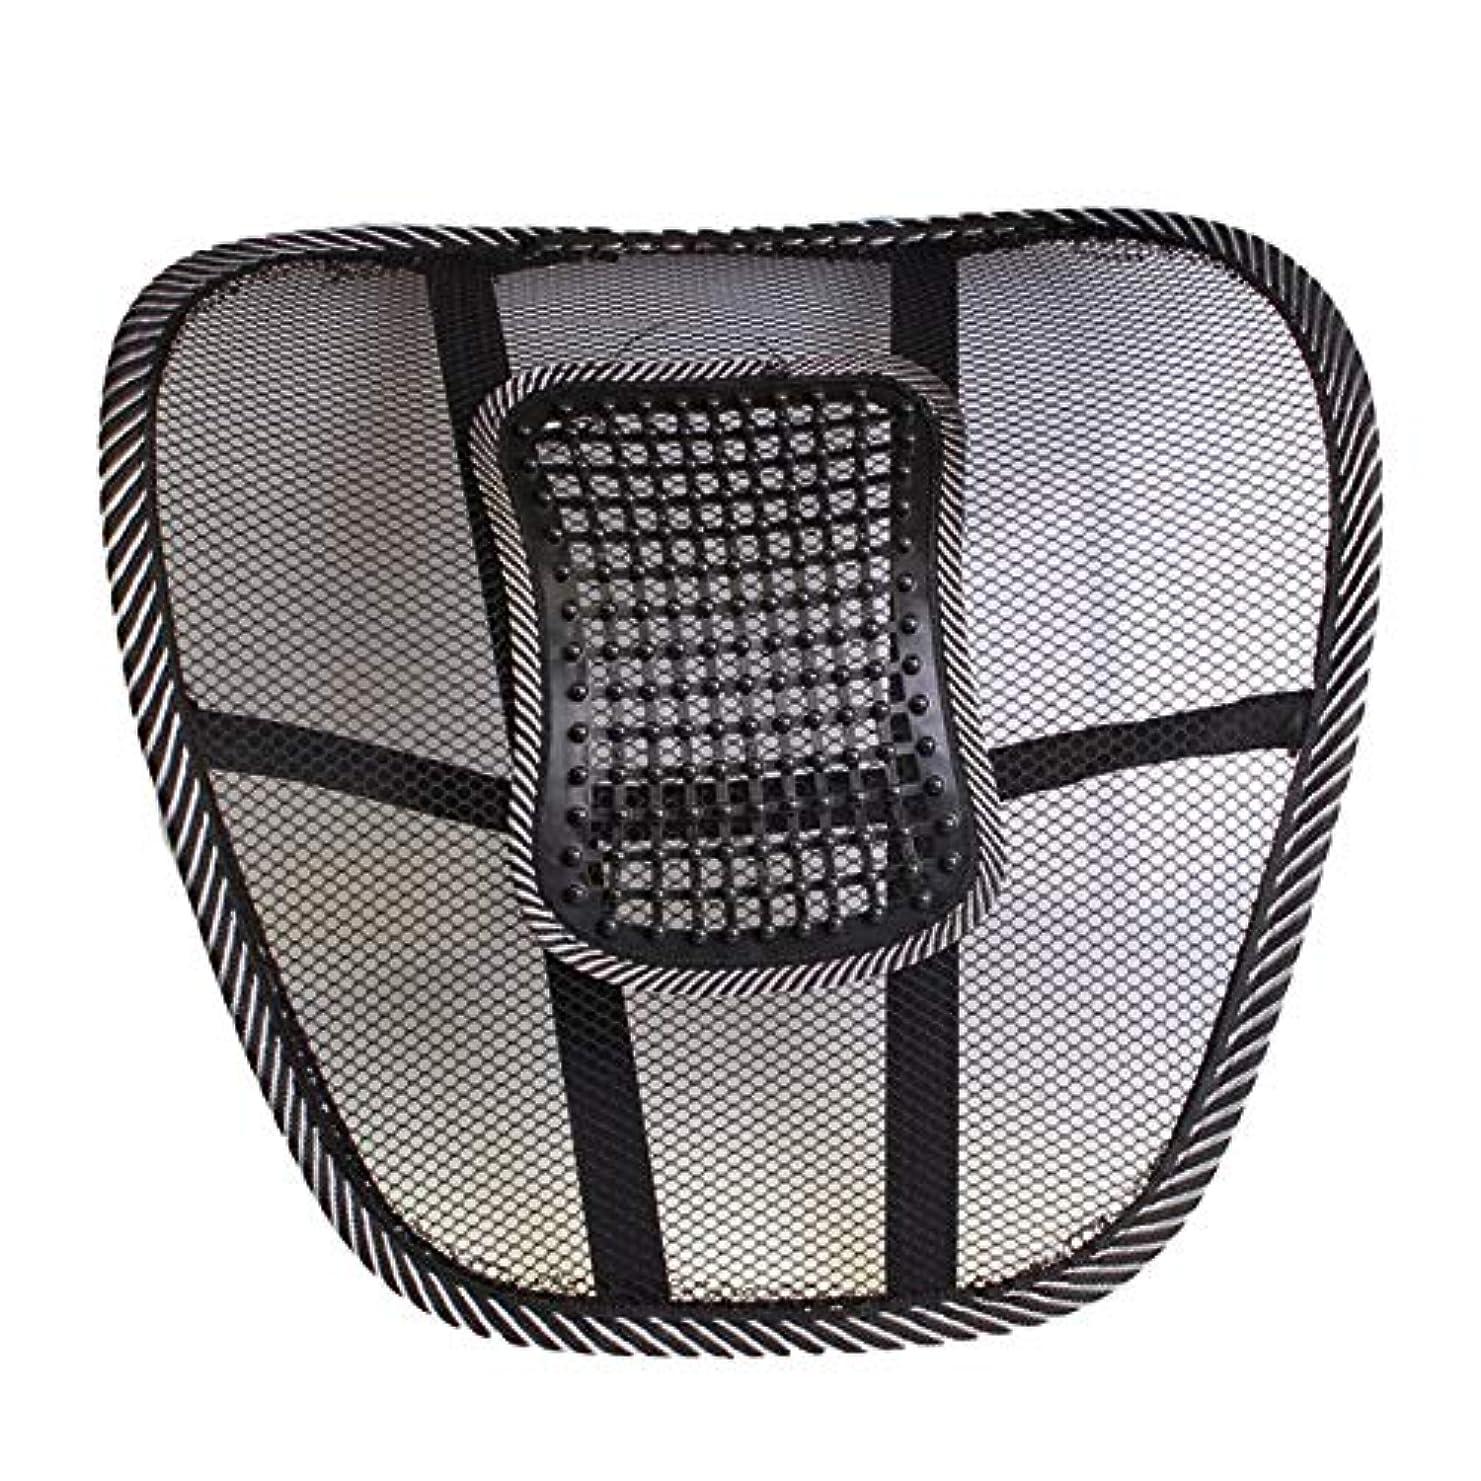 アレキサンダーグラハムベル突破口淡いメッシュカバー付き腰椎サポートクッション腰痛緩和のためのバランスのとれた硬さ - 理想的なバックピロー